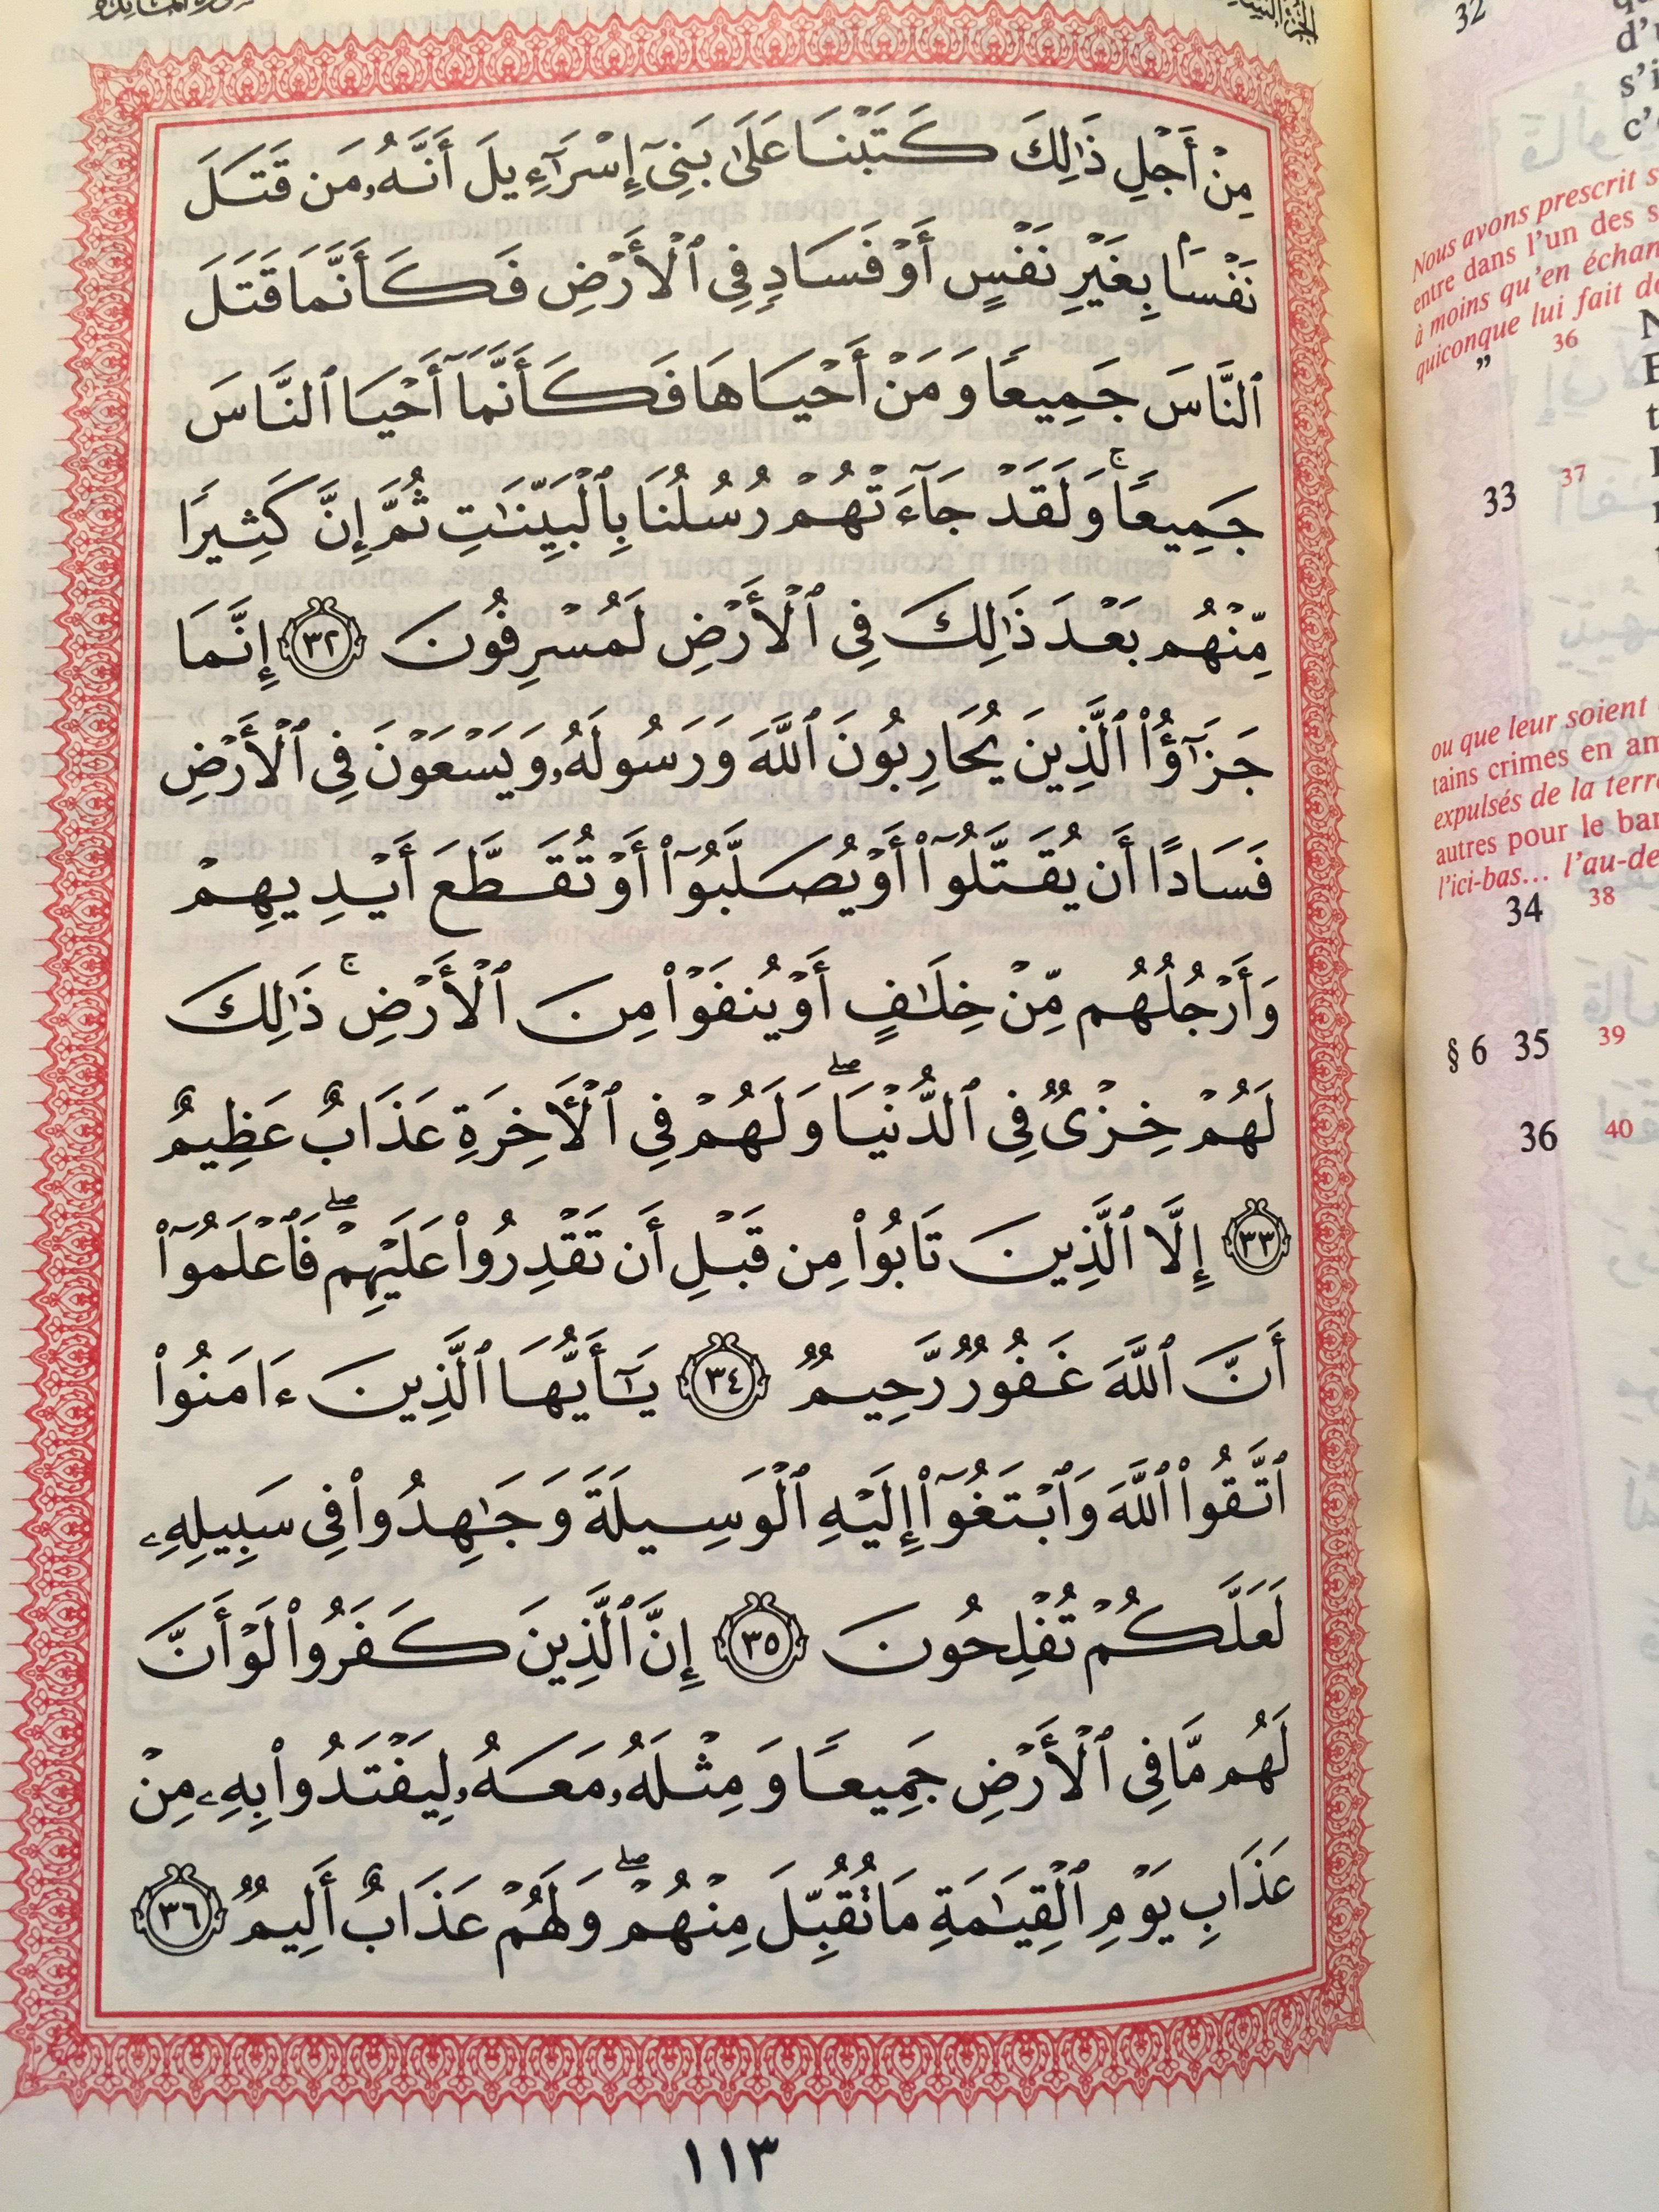 Une question d'un musulman aux oulémas qui réclament la mort pour Mkheitir